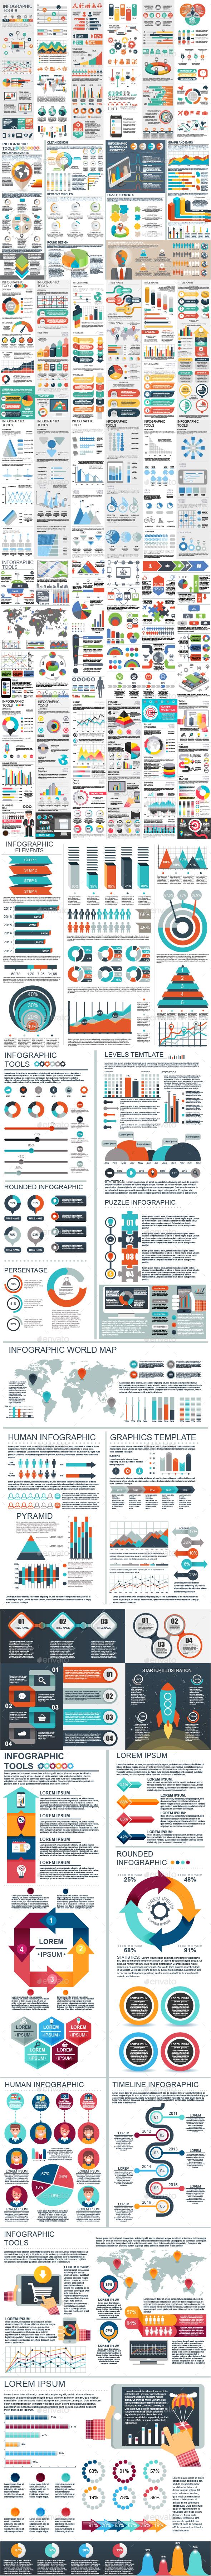 Bundle Infographic Elements